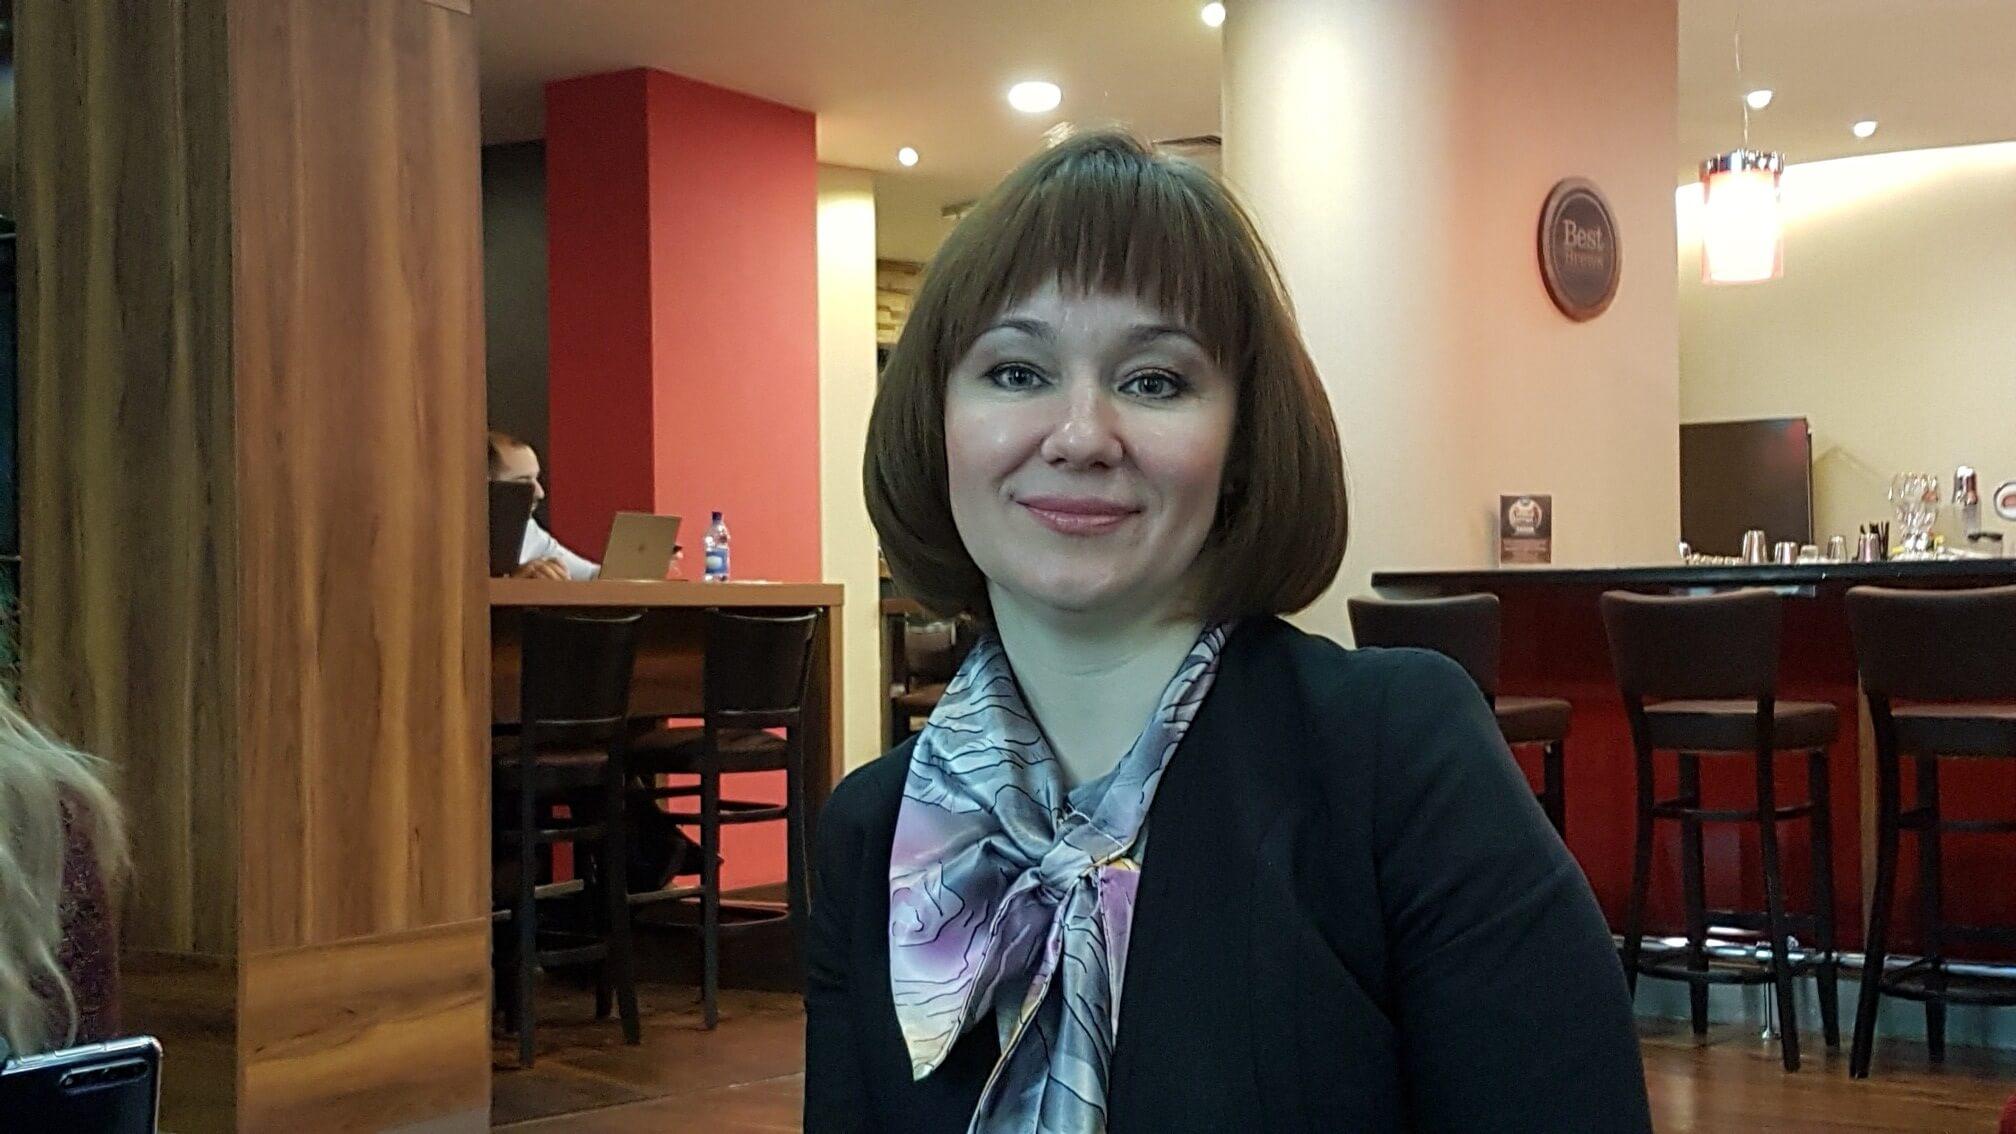 Ольга Абраменко, продолжает вести проект «Юридическая бизнес планерка»